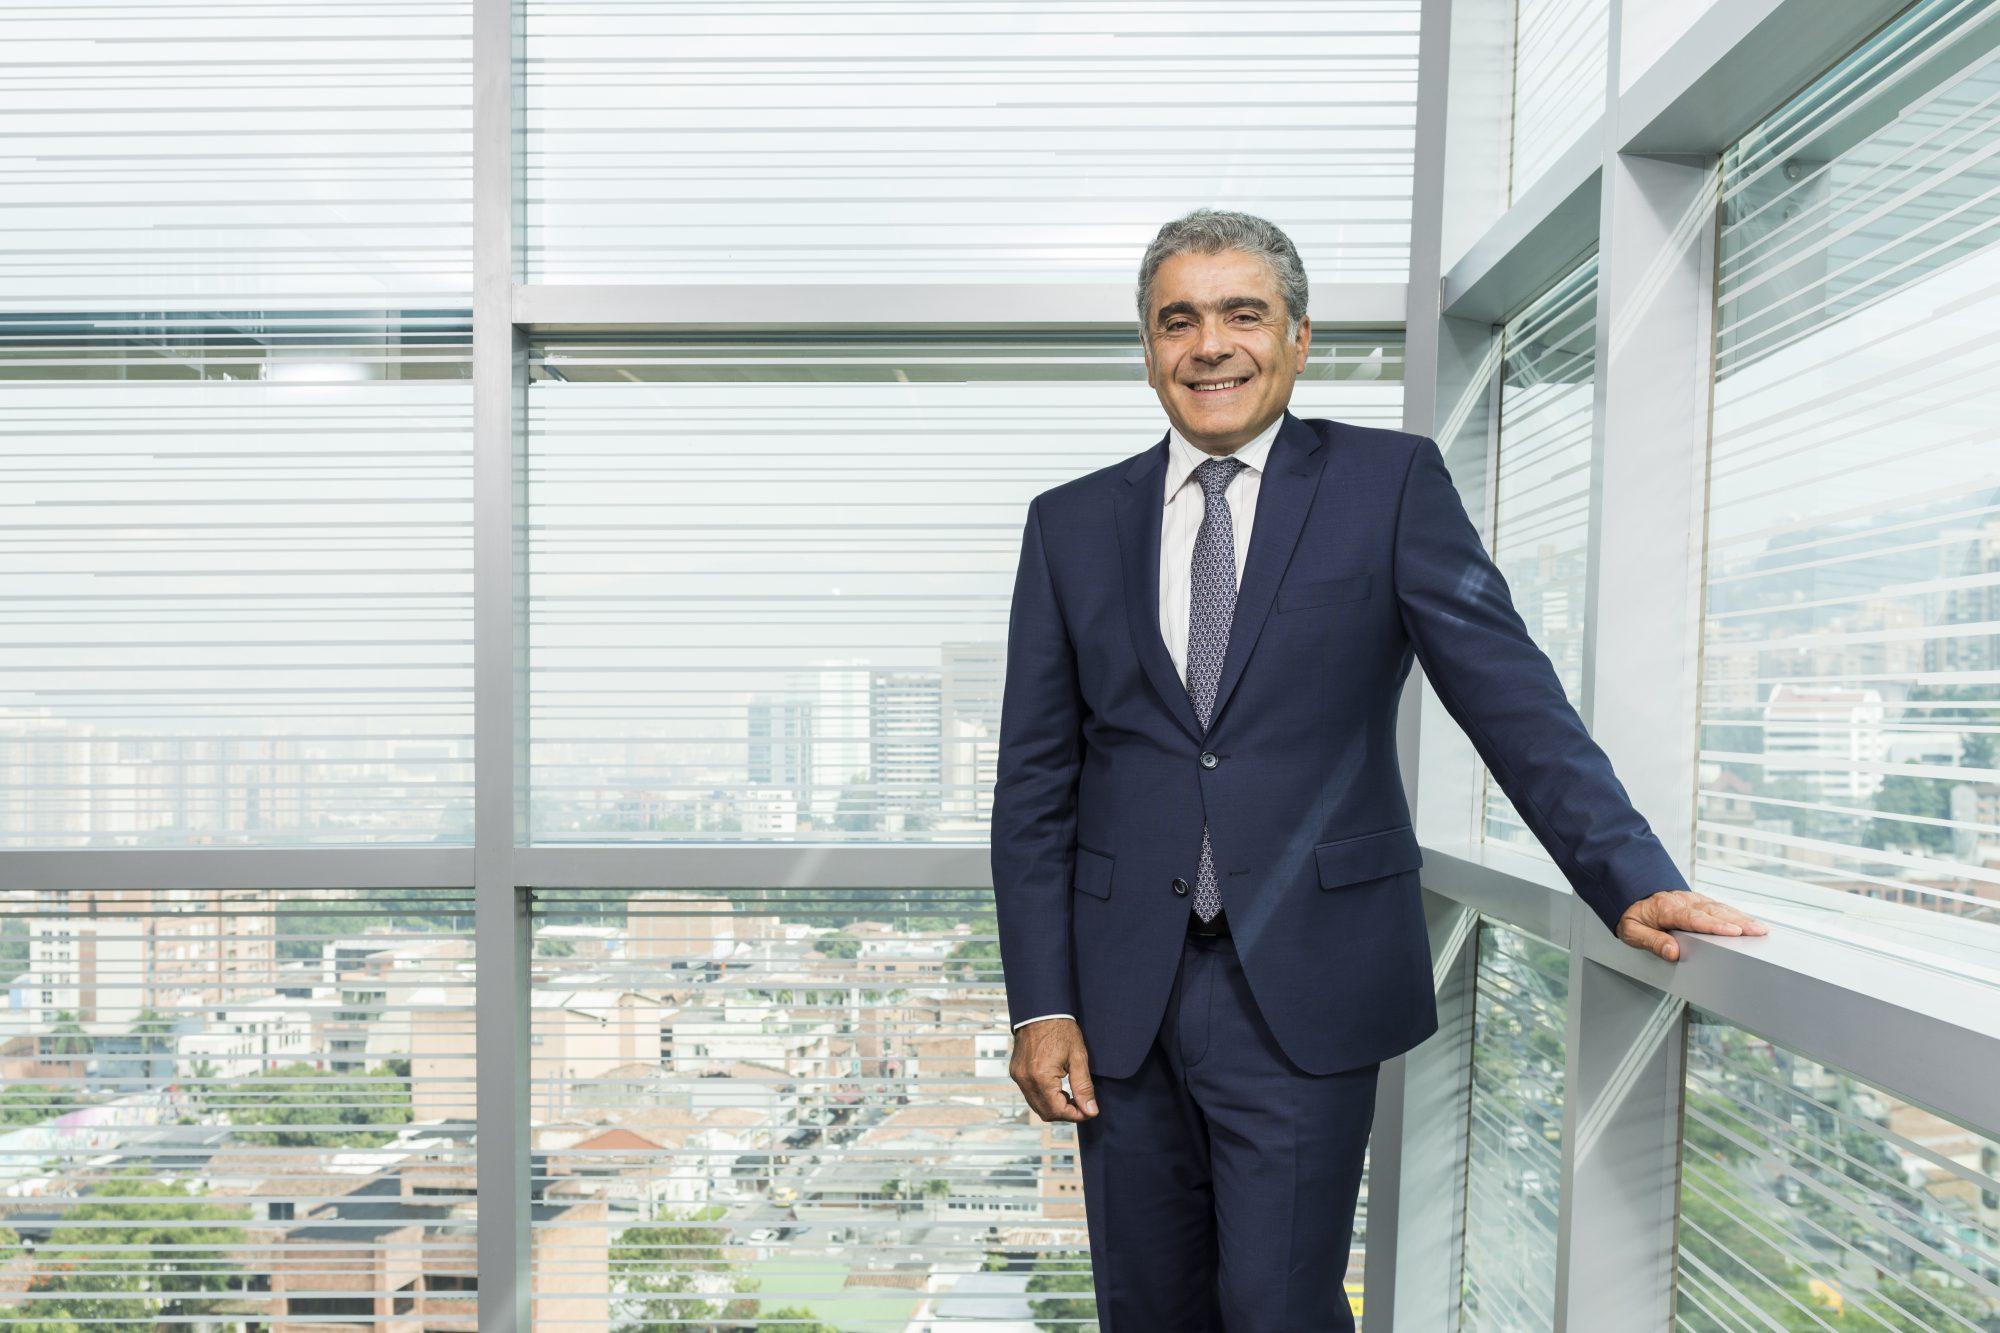 David Bojanini García é Presidente do Grupo SURA / Divulgação